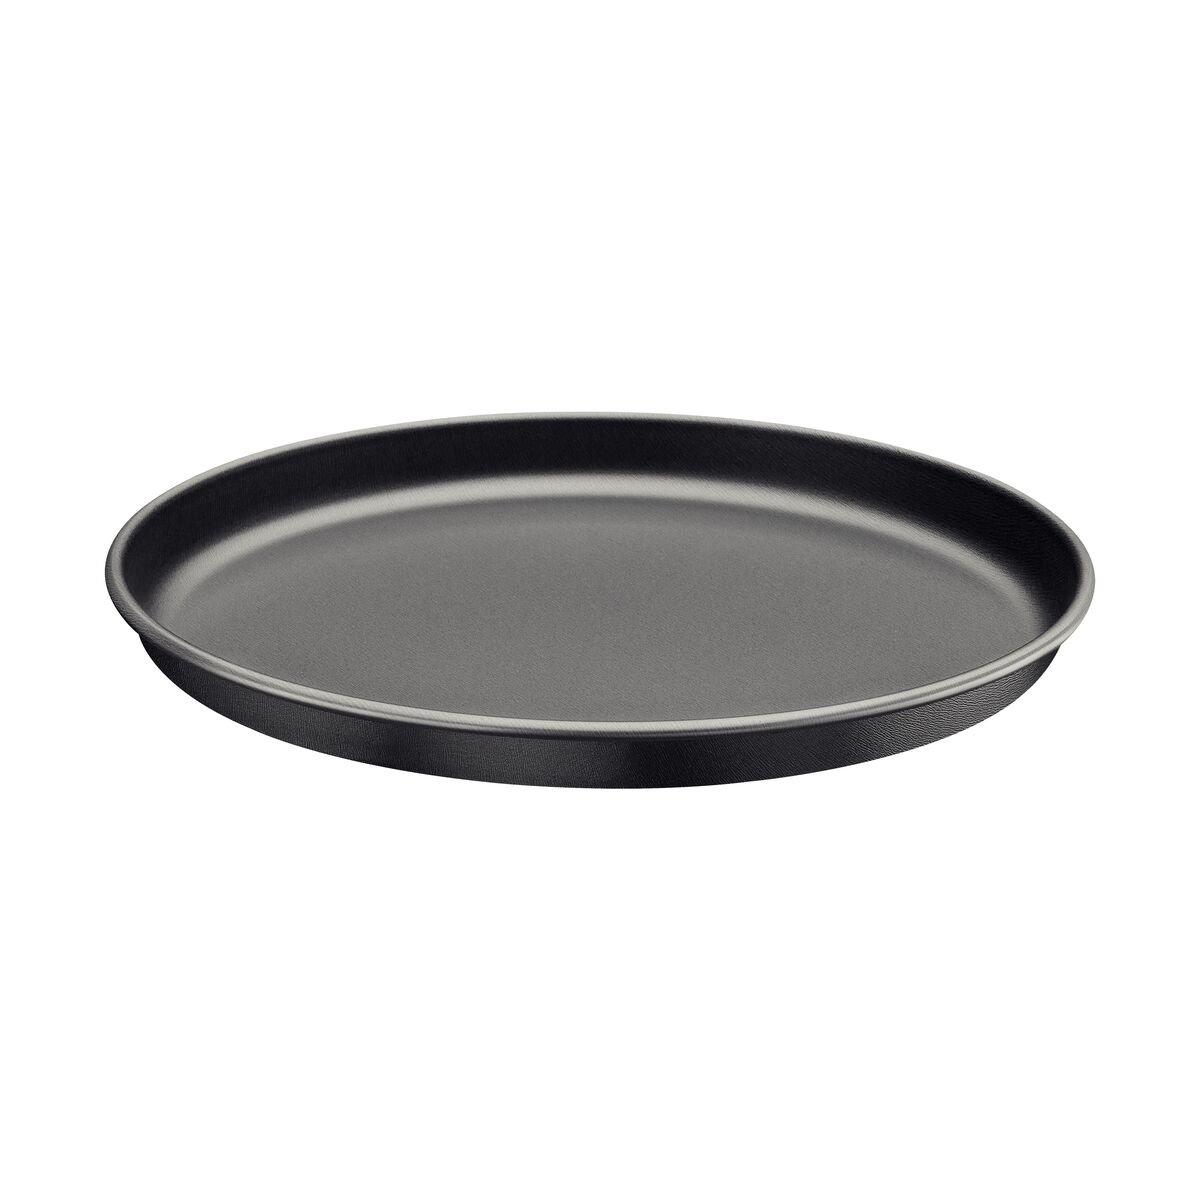 Molde para pizza en aluminio con revestimiento interno en antiadherente Ø30cm